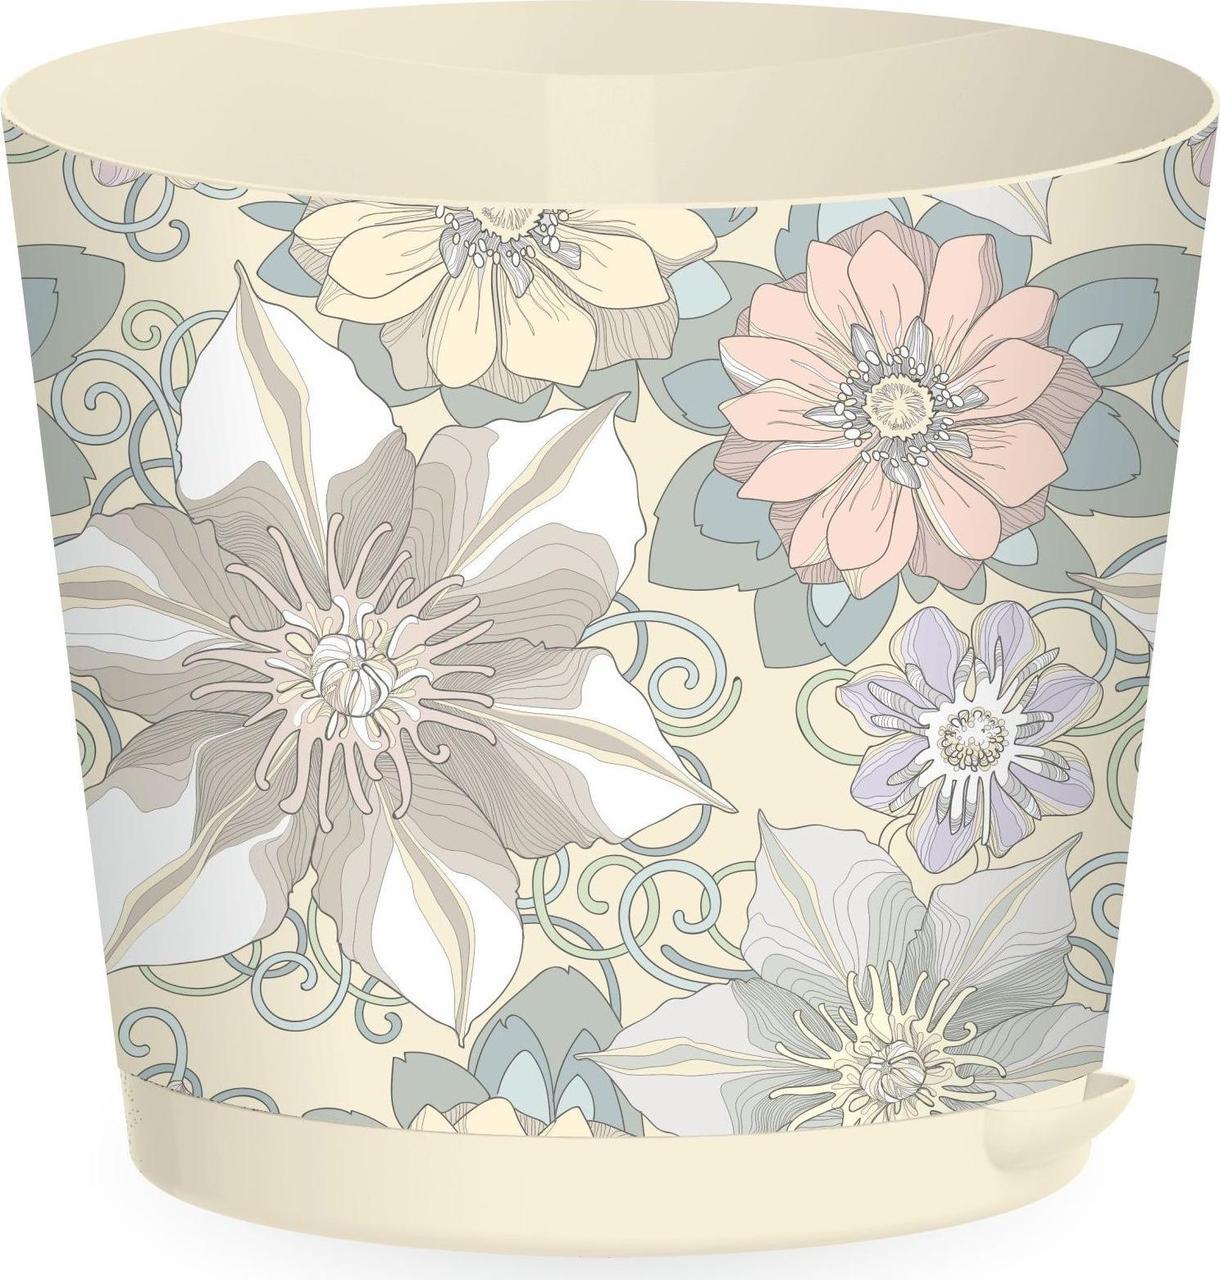 Горшок для цветов Easy Grow D 120 с прикорневым поливом 0,75 л Цветочный дом